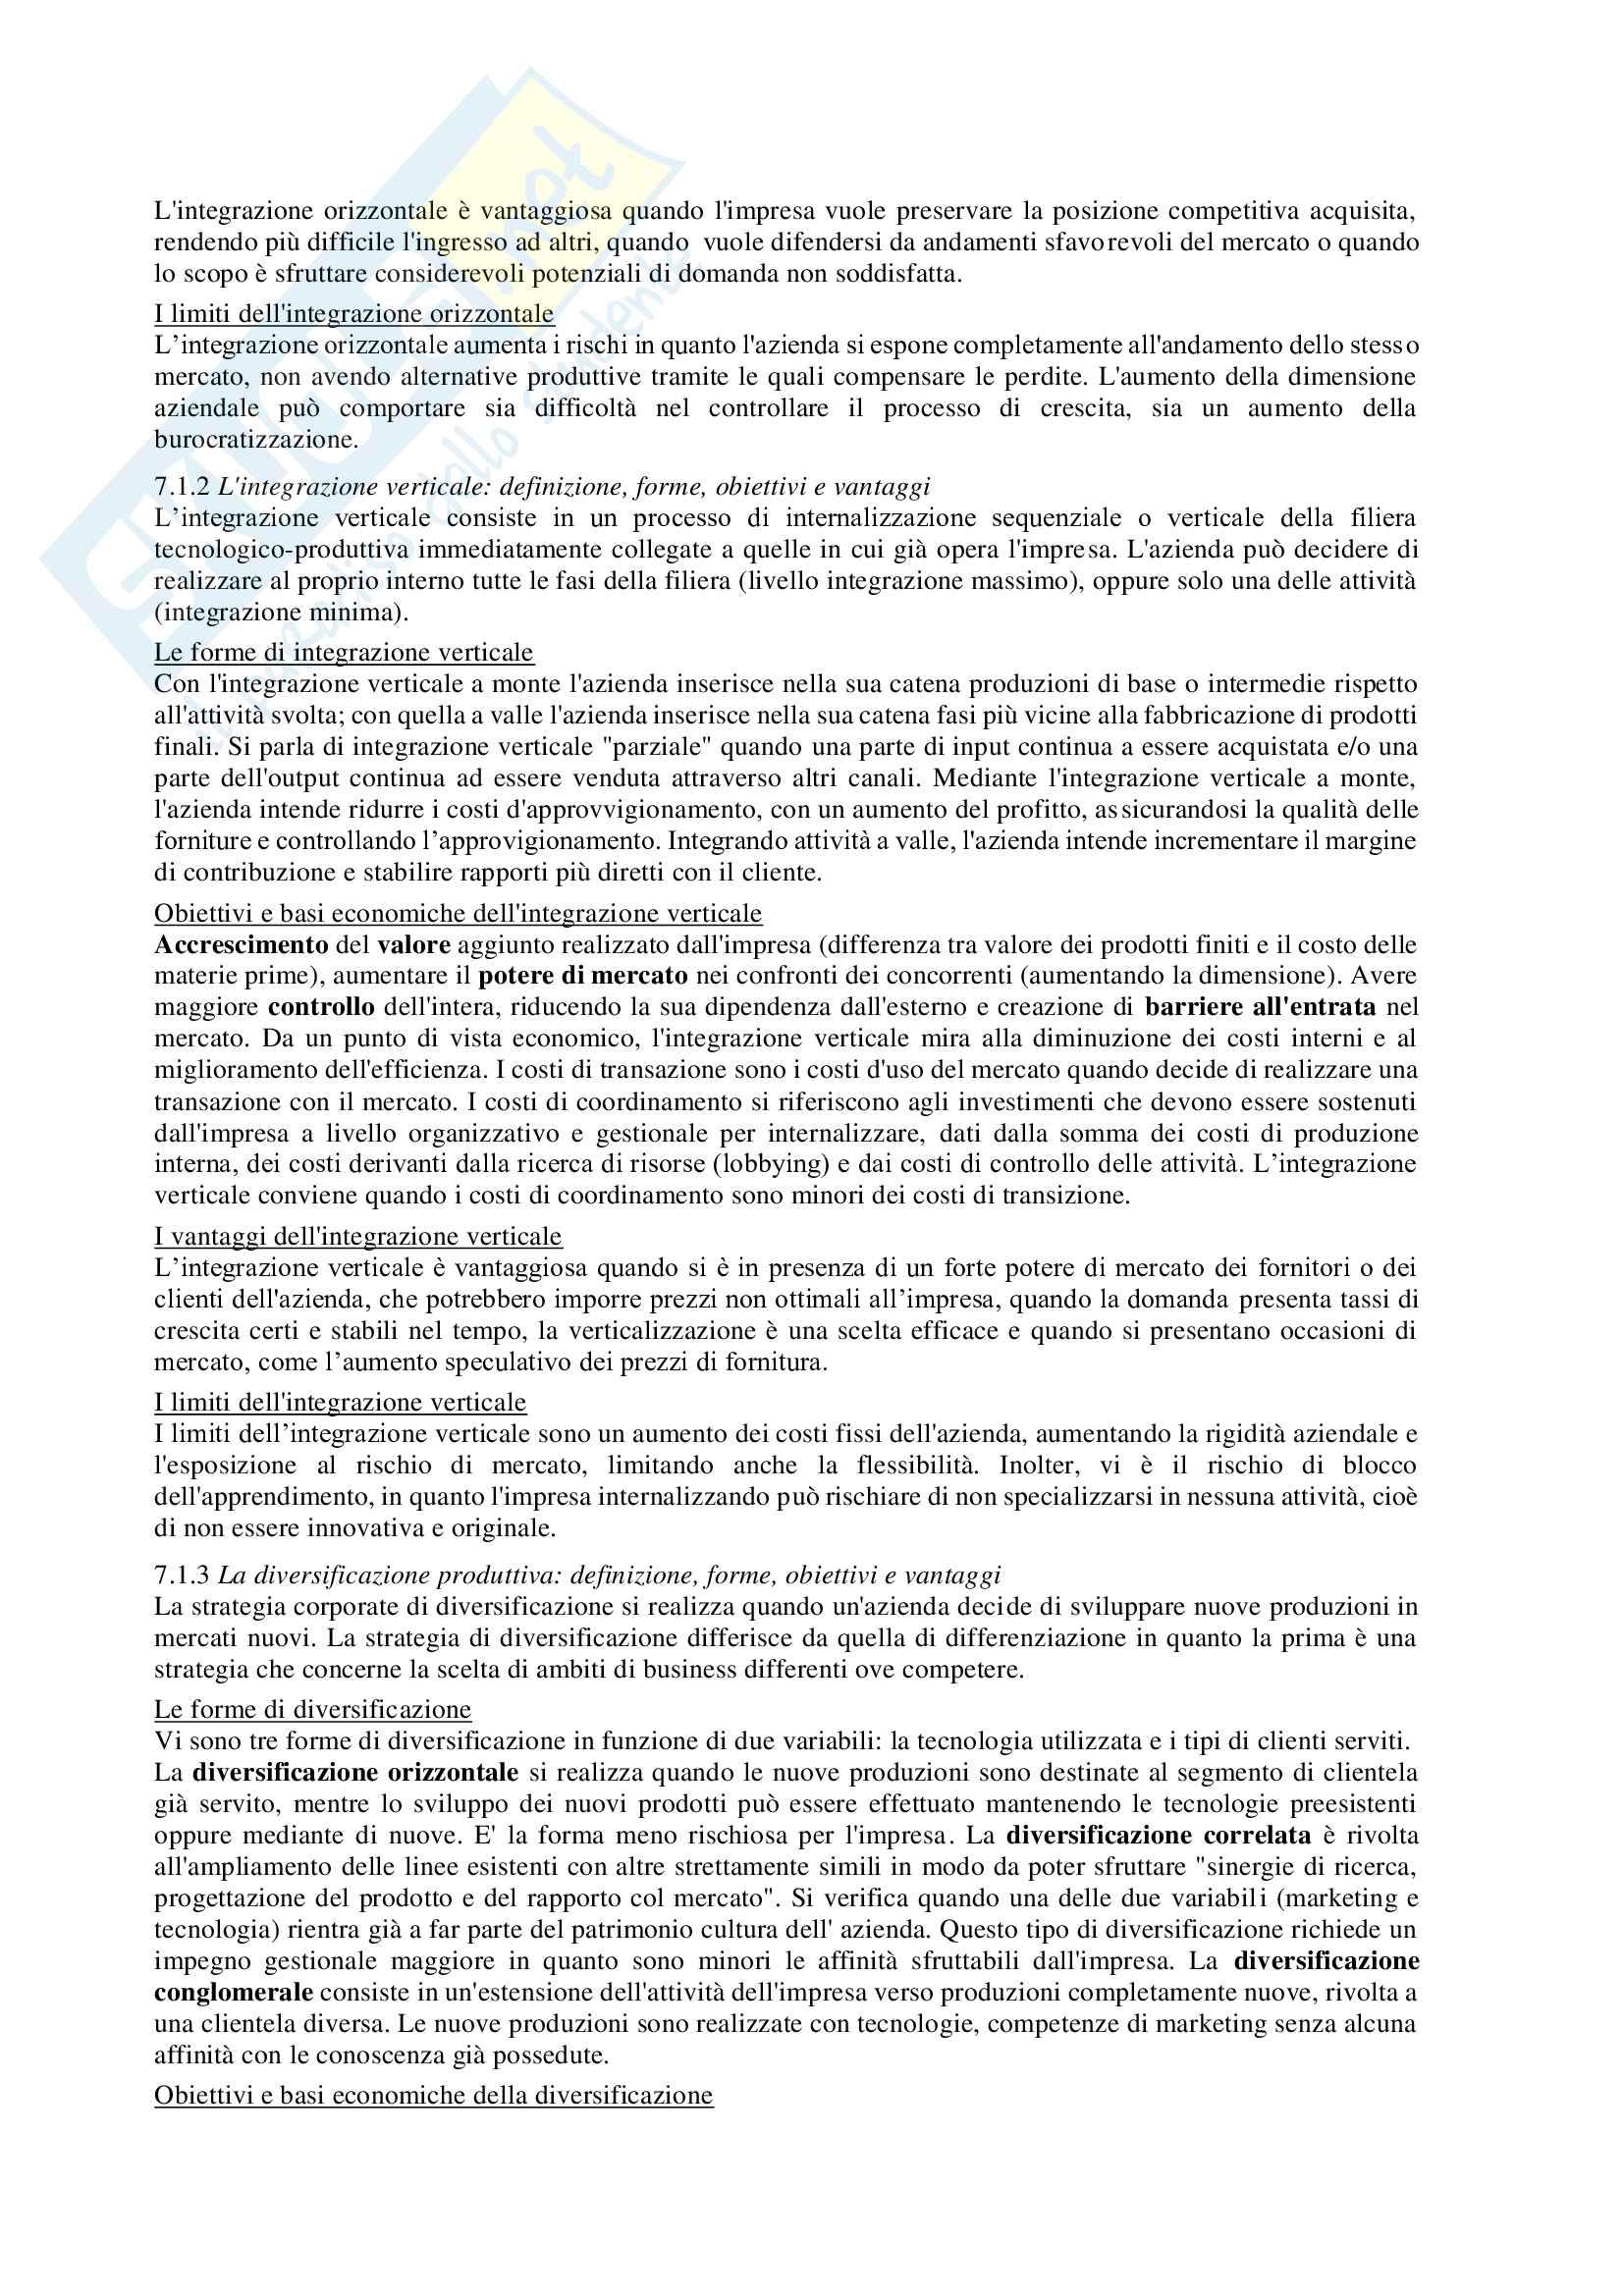 Riassunto esame Economia e management delle imprese, prof. Chiacchierini, libro consigliato Economia e management delle imprese, strategie e strumenti per la competitività e la gestione aziendale,Tunisini, Pencarelli, Ferrucci Pag. 31